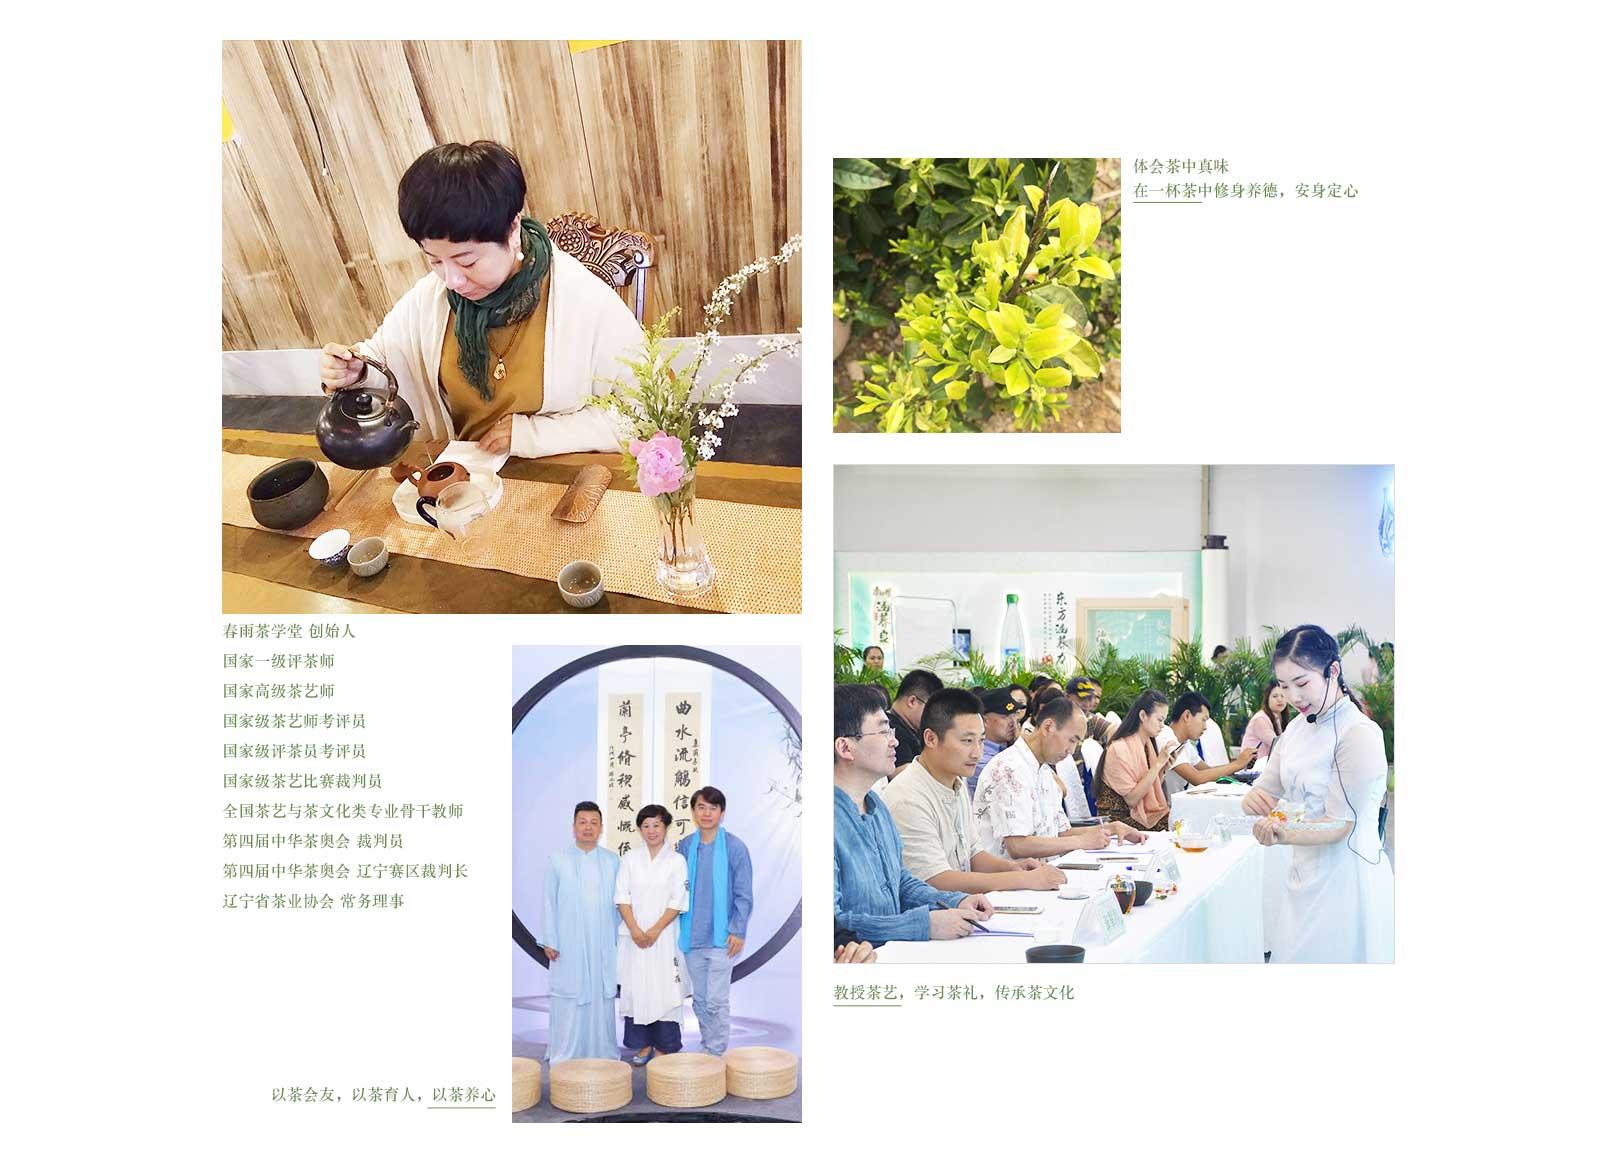 沈阳茶艺培训